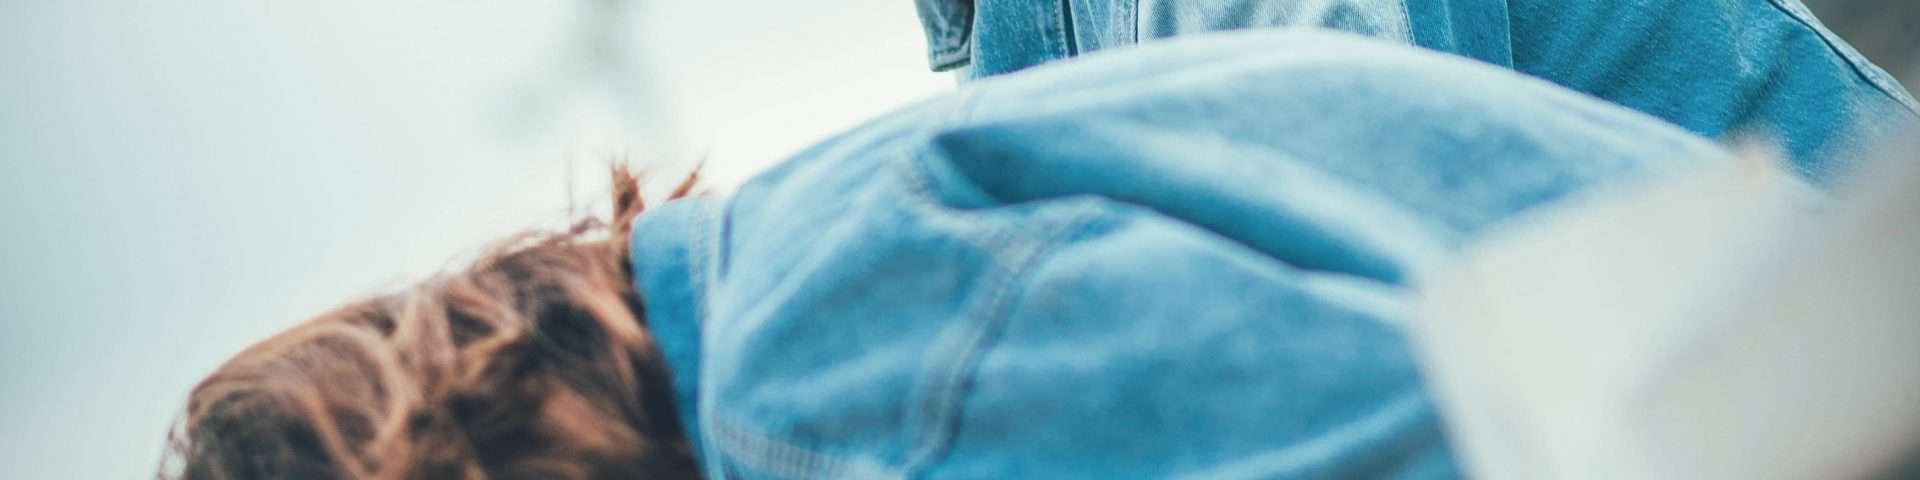 11 Zeichen, dass du dich mit einem Narzissten verabredest – und wie du da wieder rauskommst